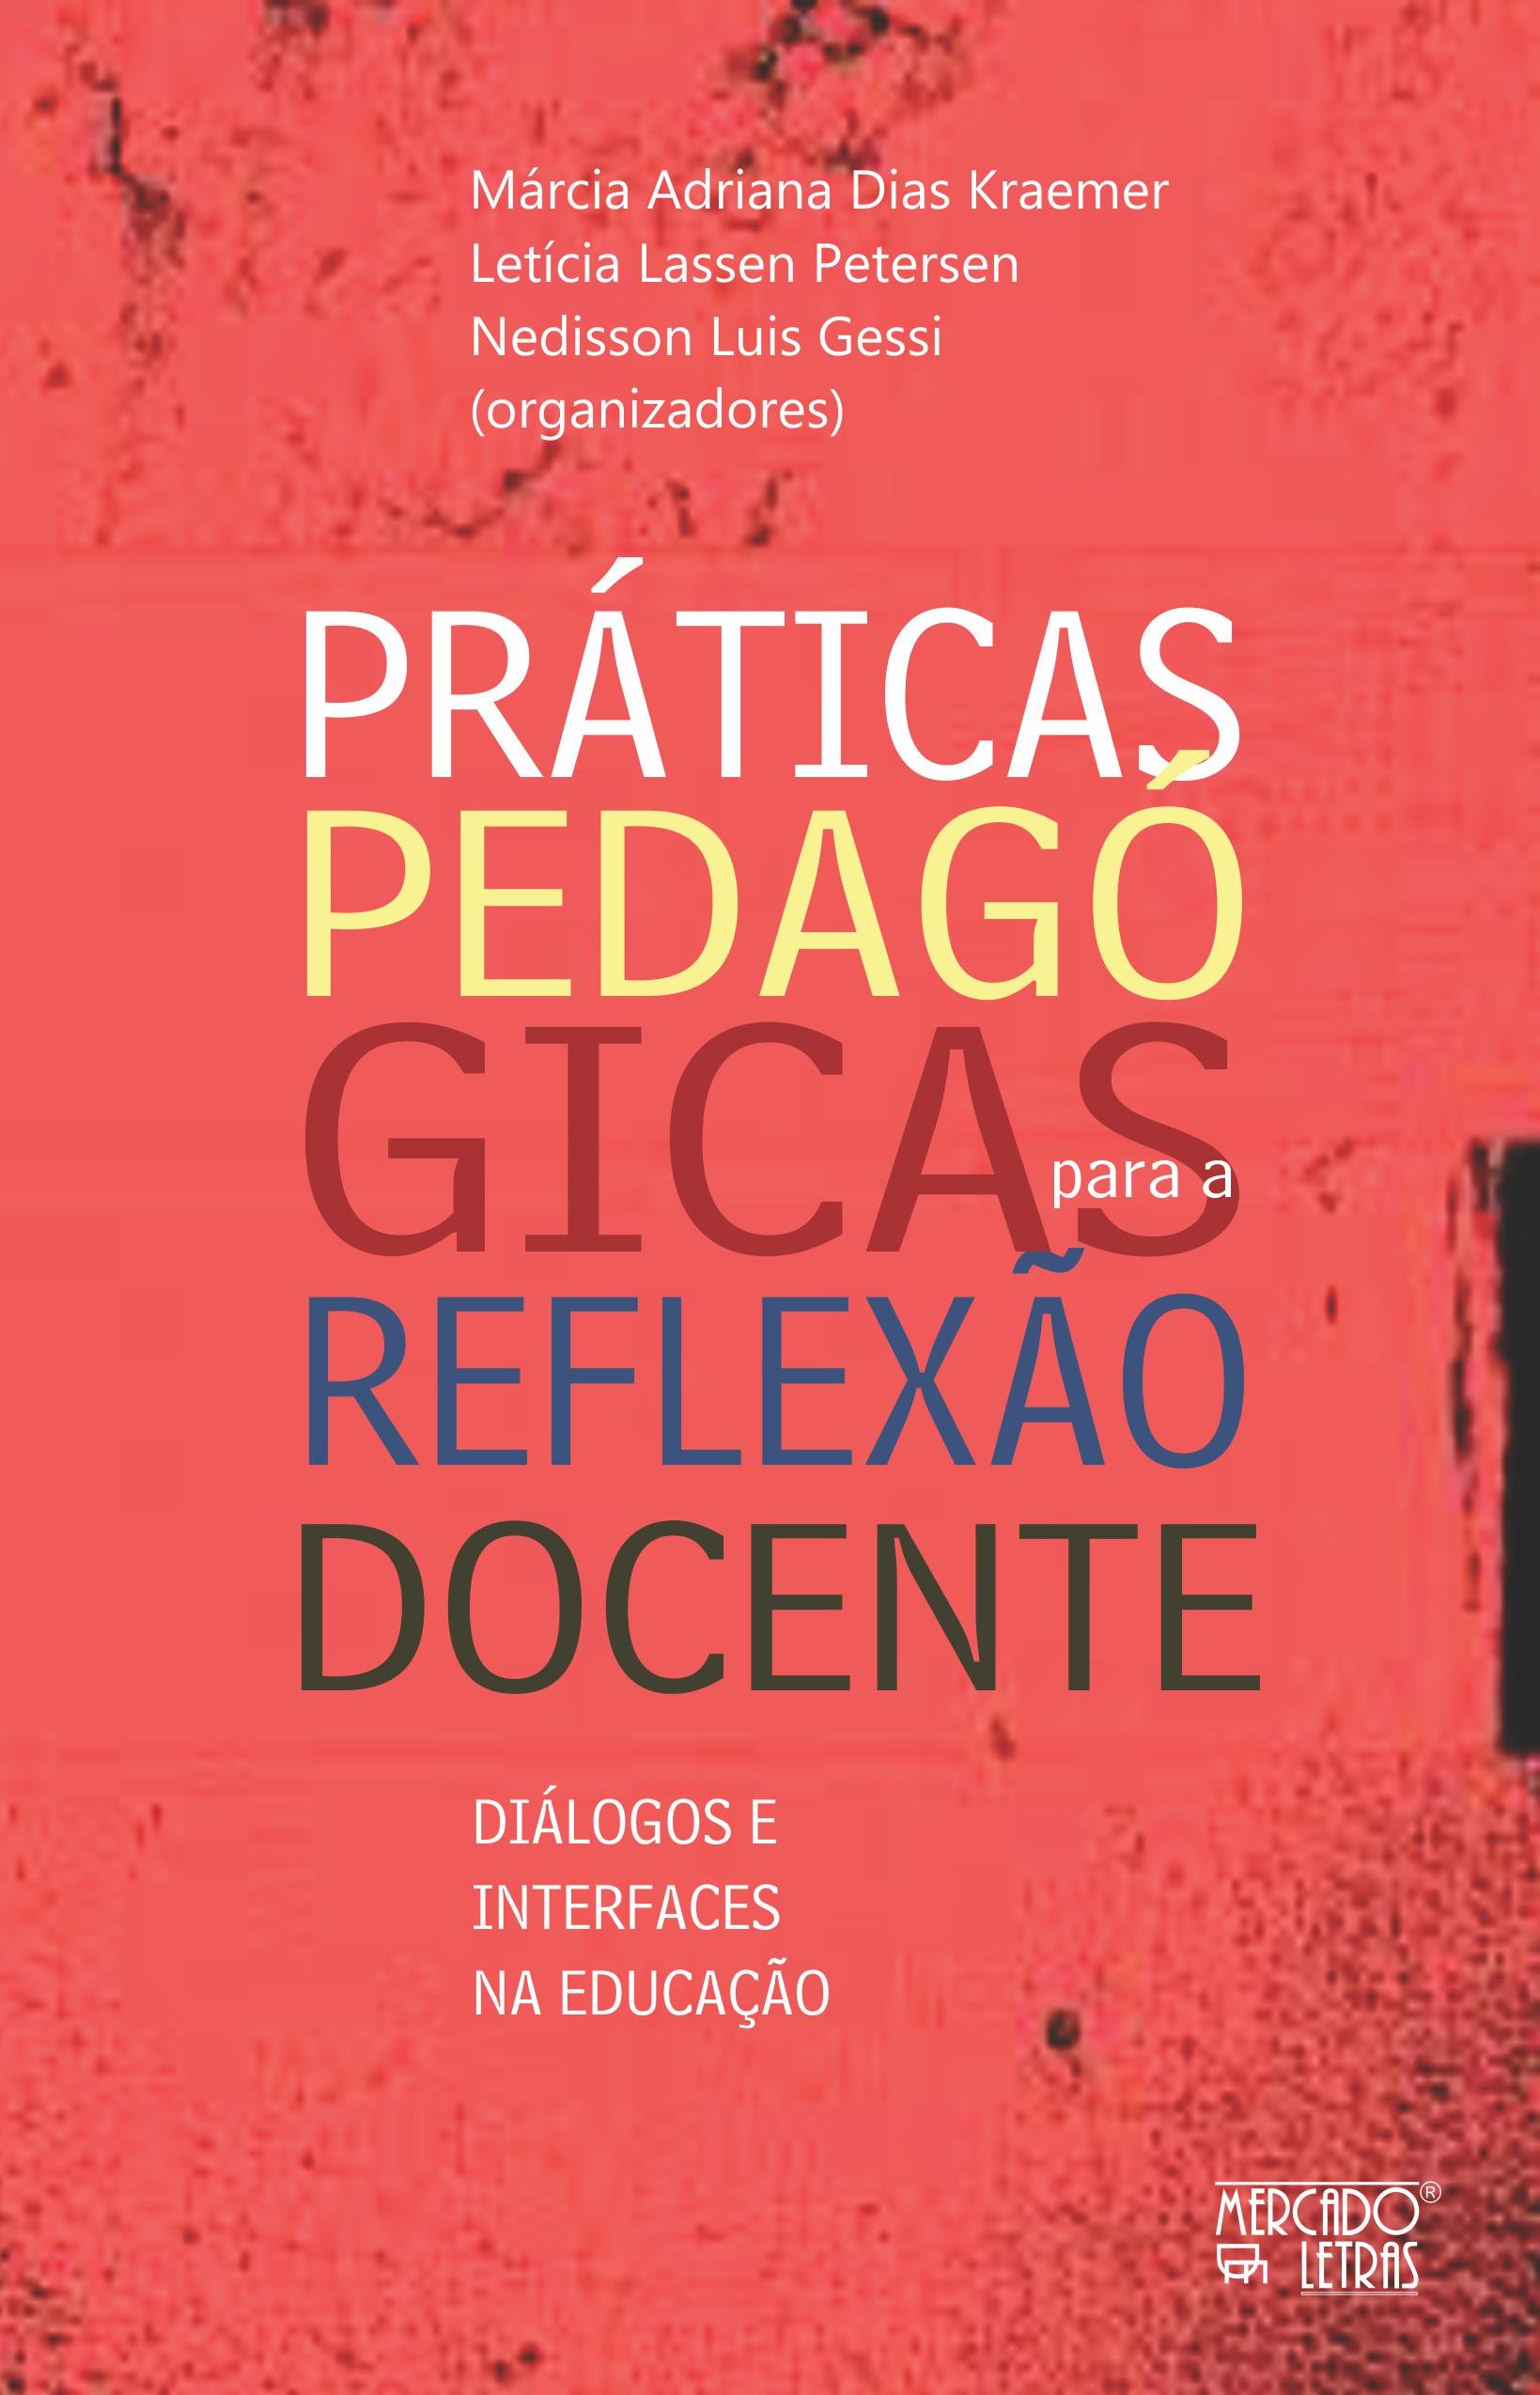 Práticas pedagógicas para a reflexão docente. Diálogos e interfaces na educação, livro de Letícia Lassen Petersen